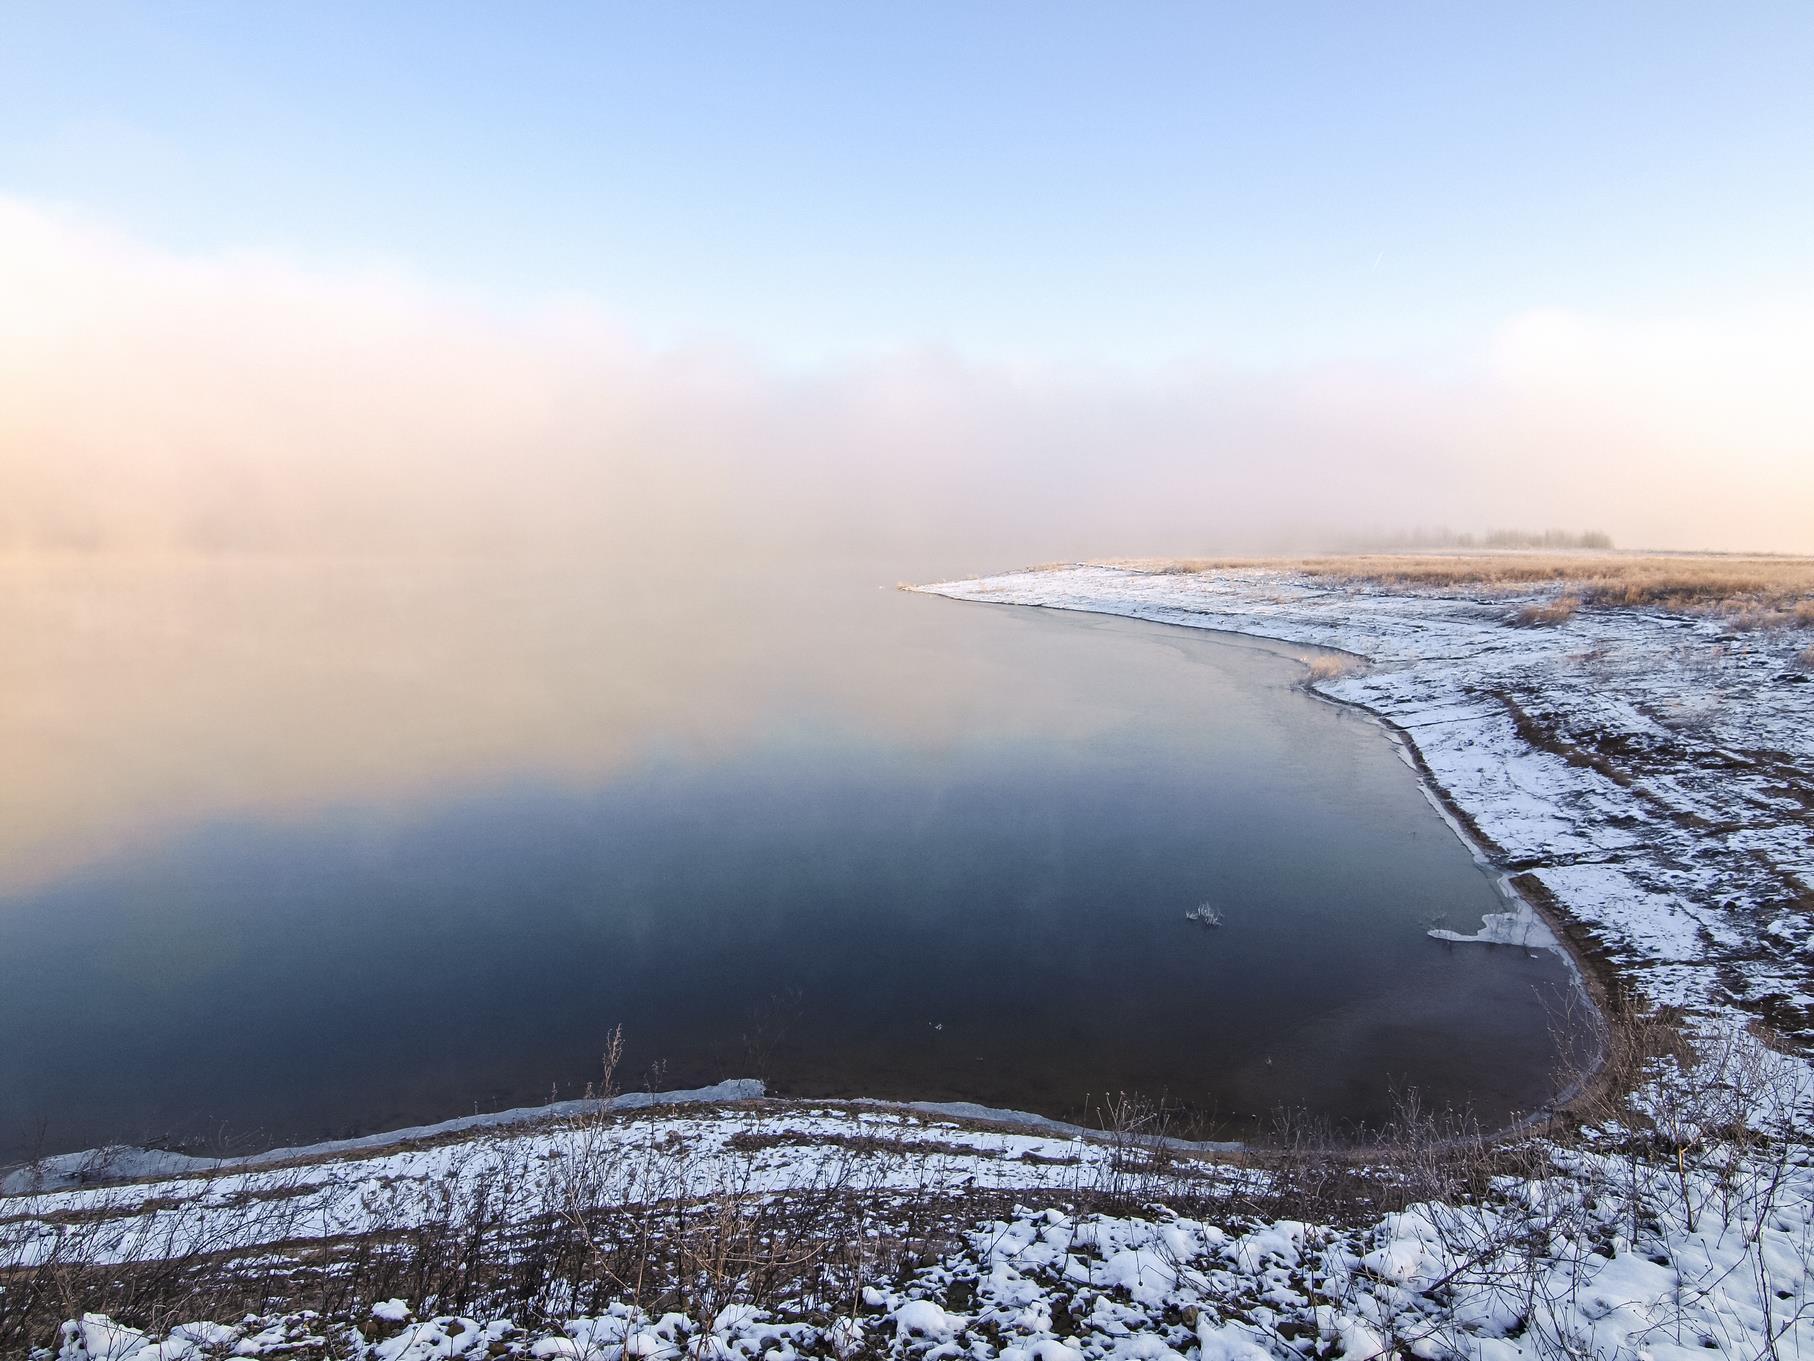 Nebelschwaden über dem Wasser des westlichen Teiches.